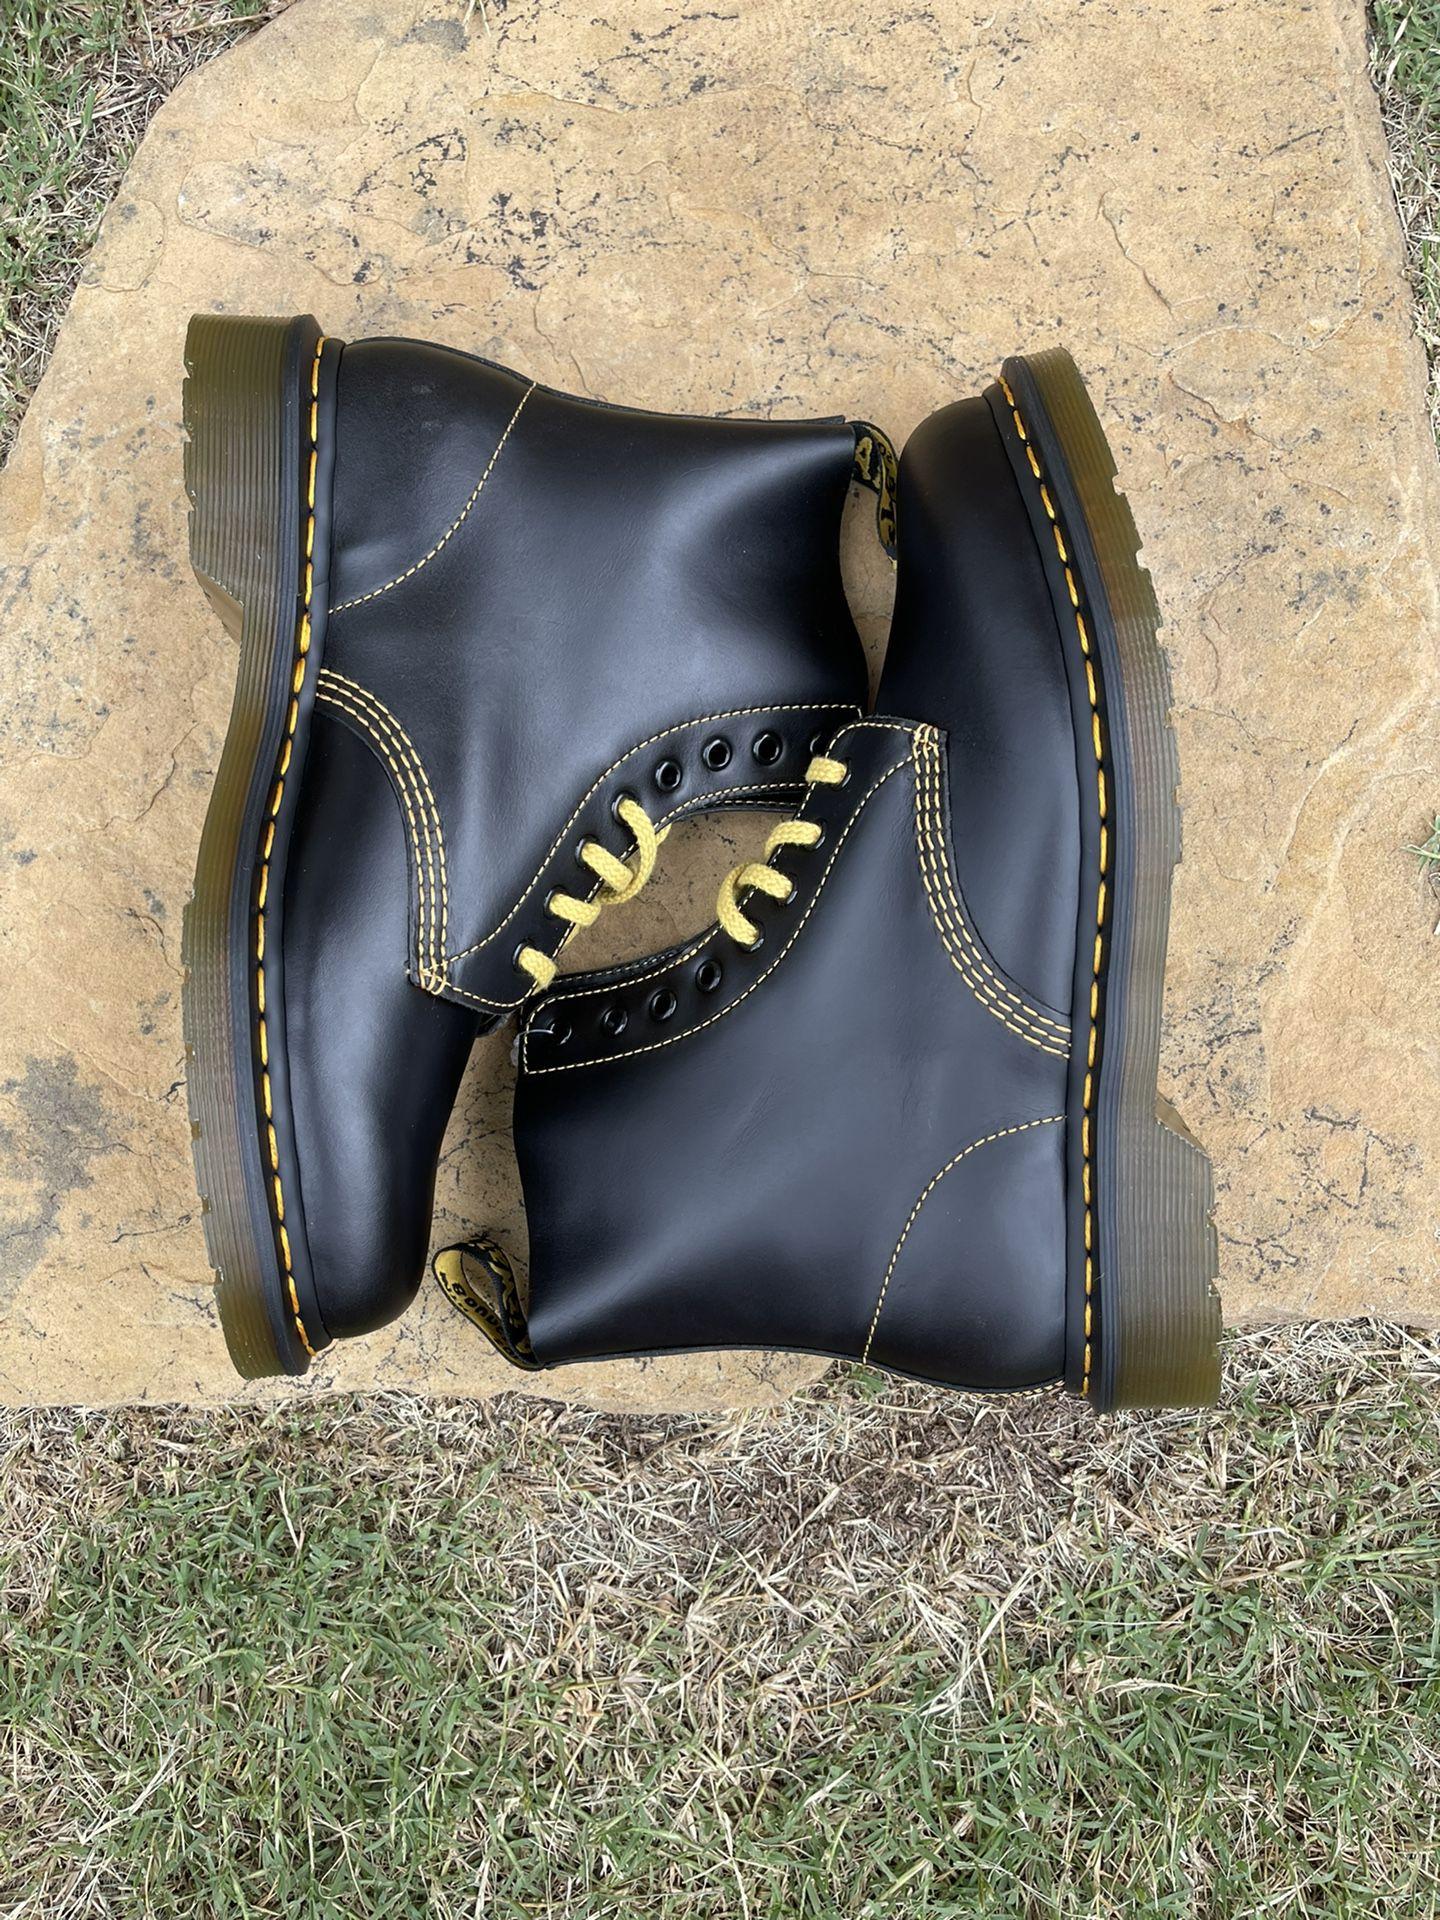 Doc Martens 1460 Pascal Black Leather Boots Women's Size 9/ Men's Size 8